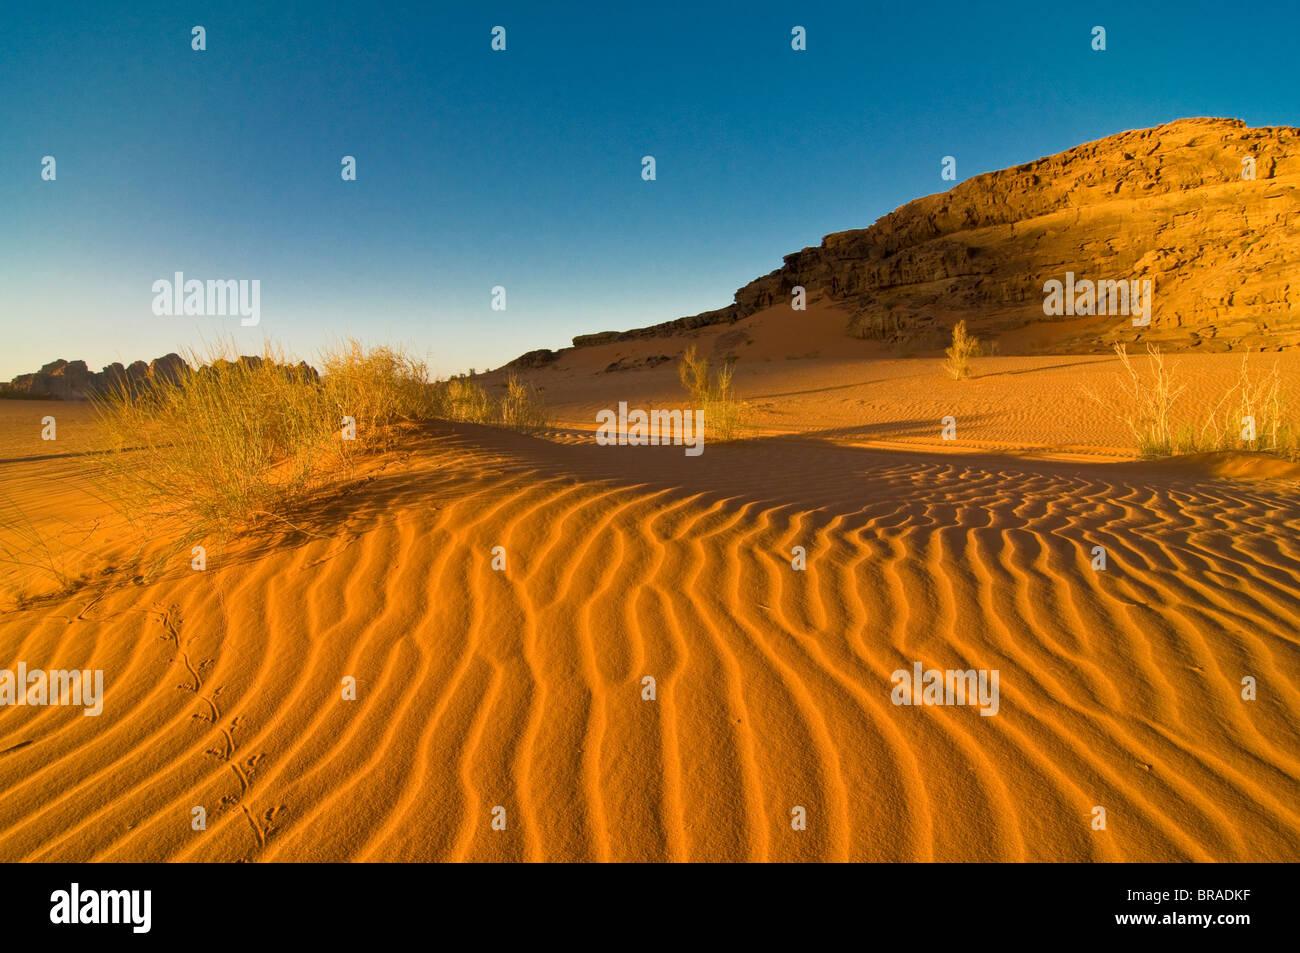 Die atemberaubende Wüstenlandschaft von Wadi Rum, Jordanien, Naher Osten Stockfoto